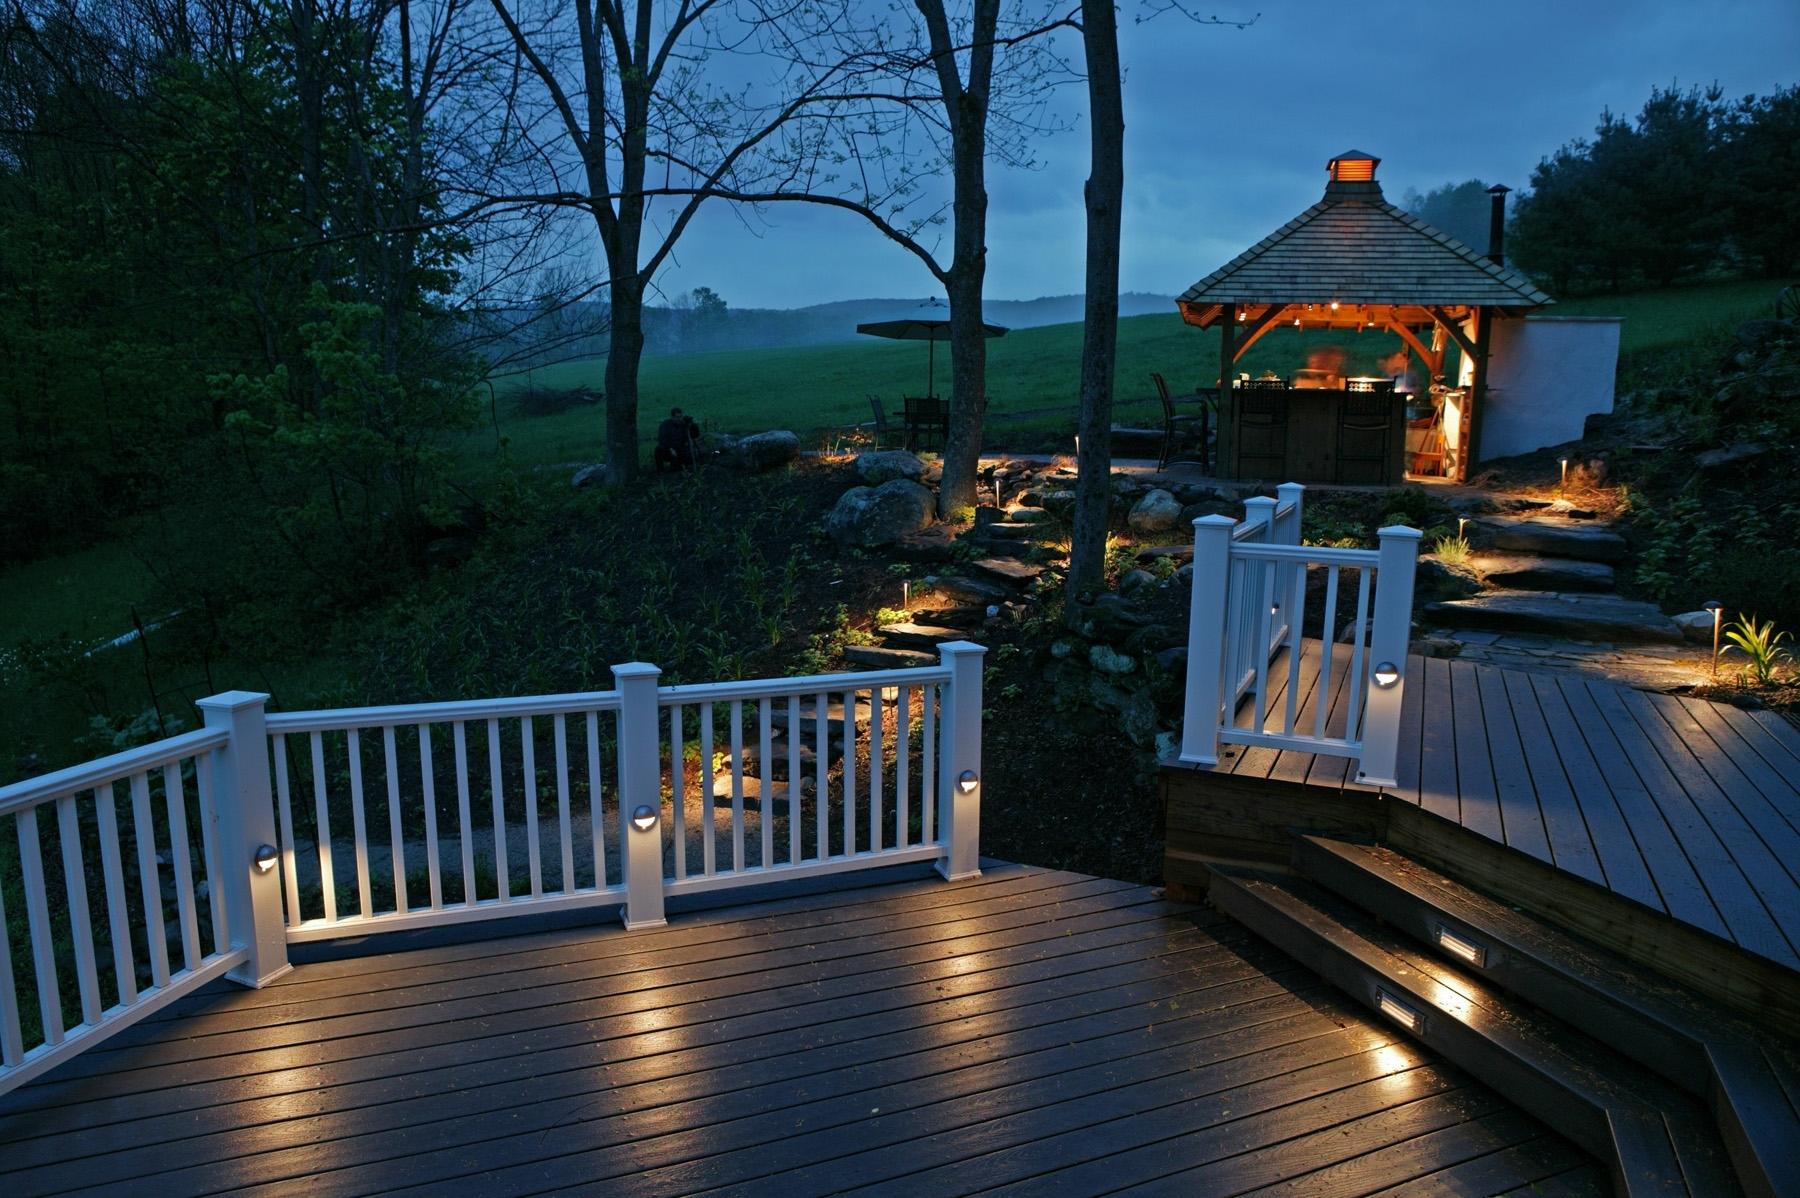 Low Voltage Deck Lighting Exterior — Jbeedesigns Outdoor : Low Intended For Popular Modern Garden Low Voltage Deck Lighting (View 3 of 20)